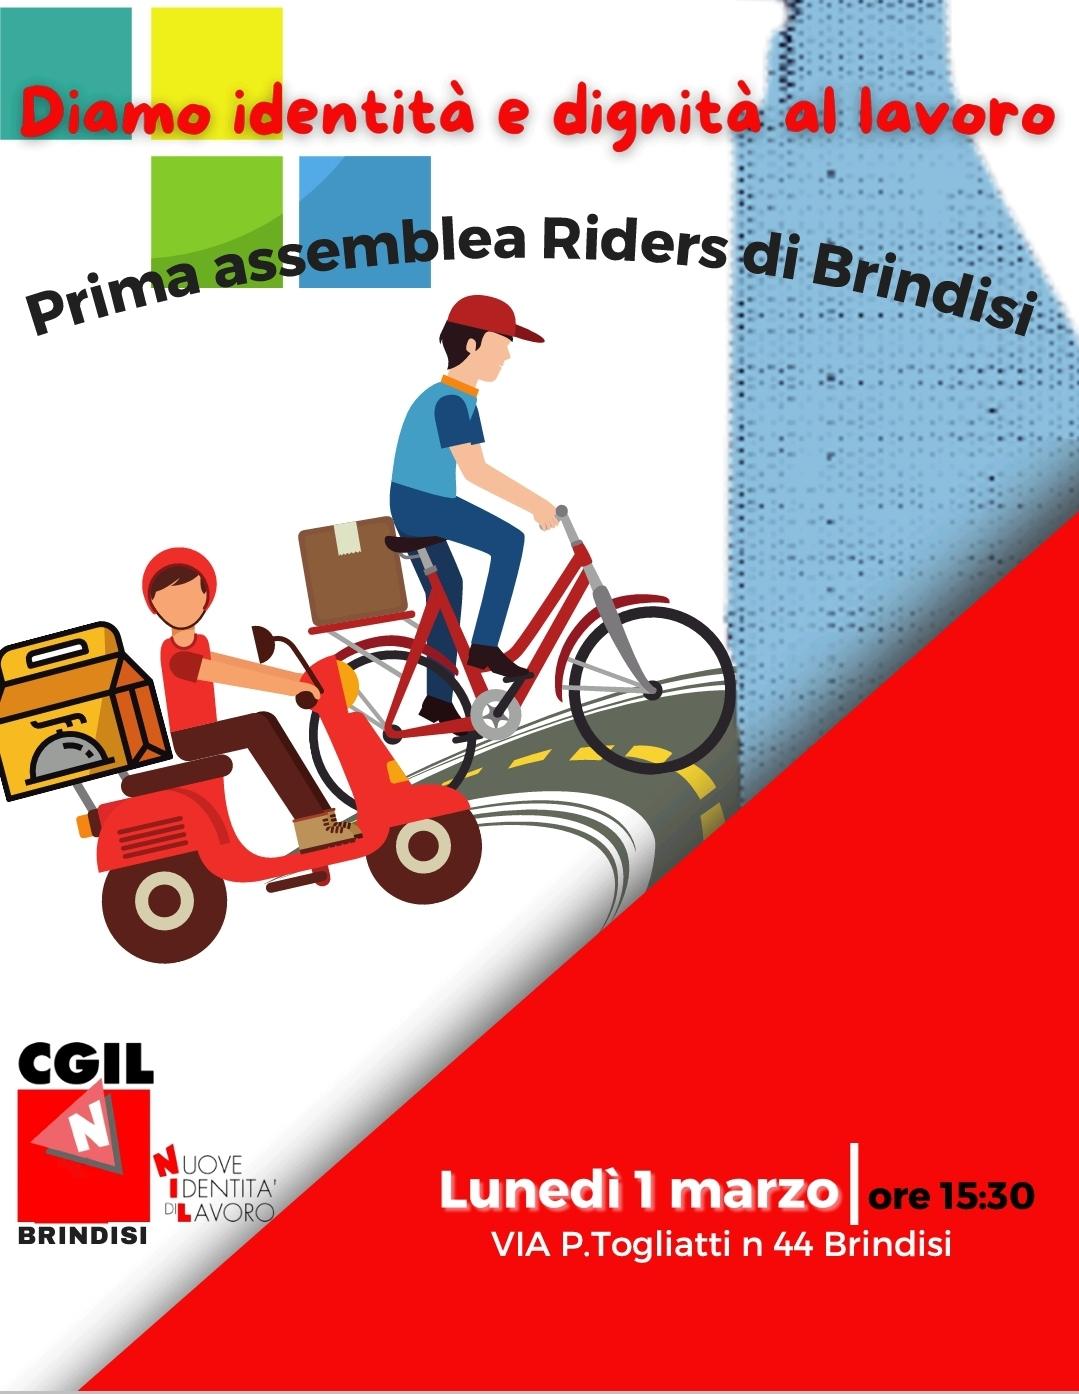 Il NIdiL CGIL Brindisi e la CGIL di Brindisi al fianco dei riders